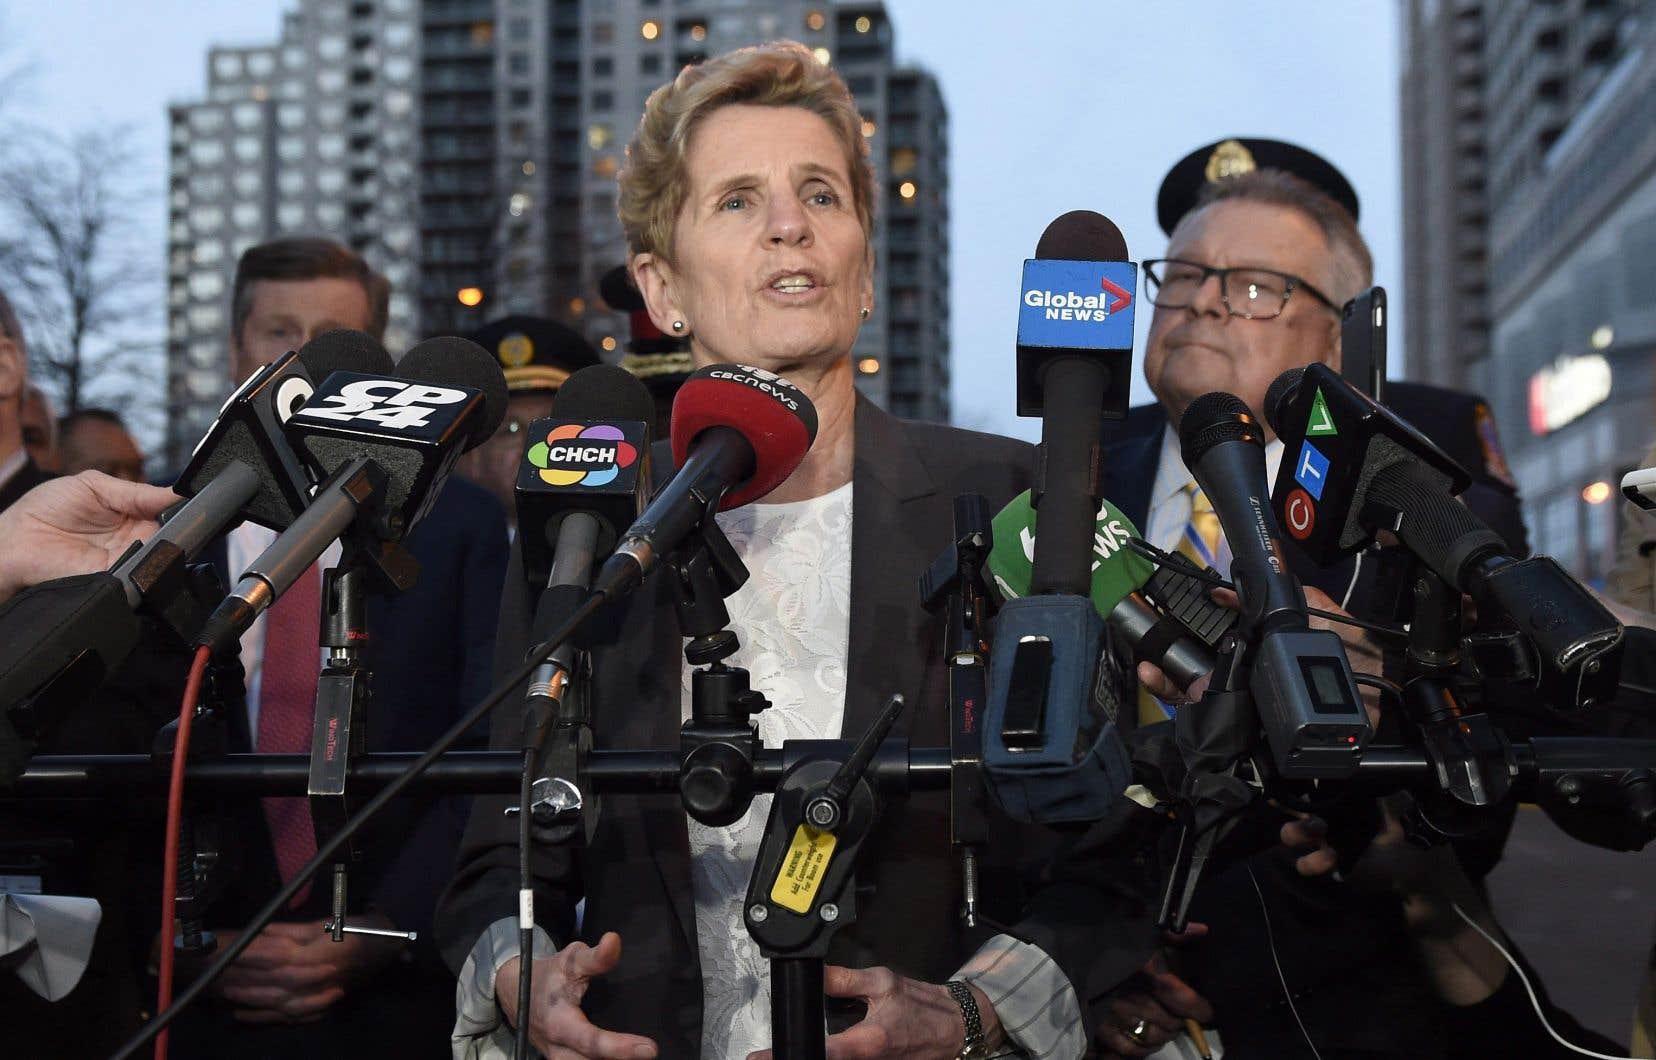 La première ministre Kathleen Wynne et le ministre fédéral de la Sécurité publique, Ralph Goodale, ont tenu un point de presse.